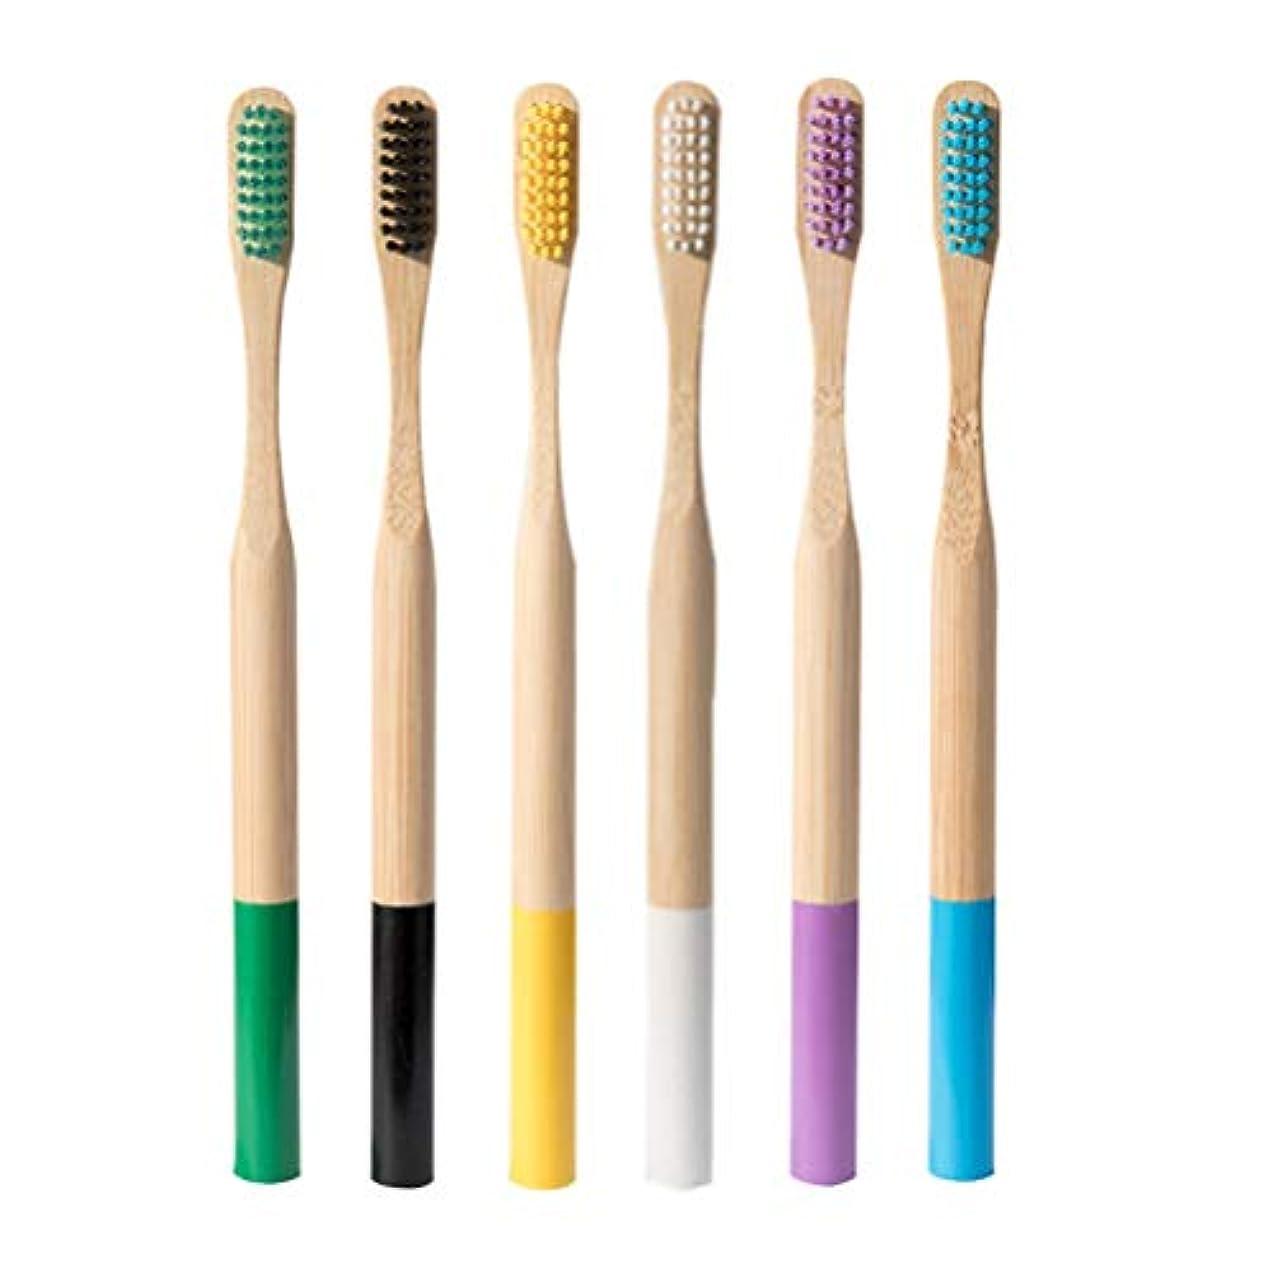 トリムアーティスト最後にHealifty 歯ブラシ環境に優しい竹歯ブラシ6pcs